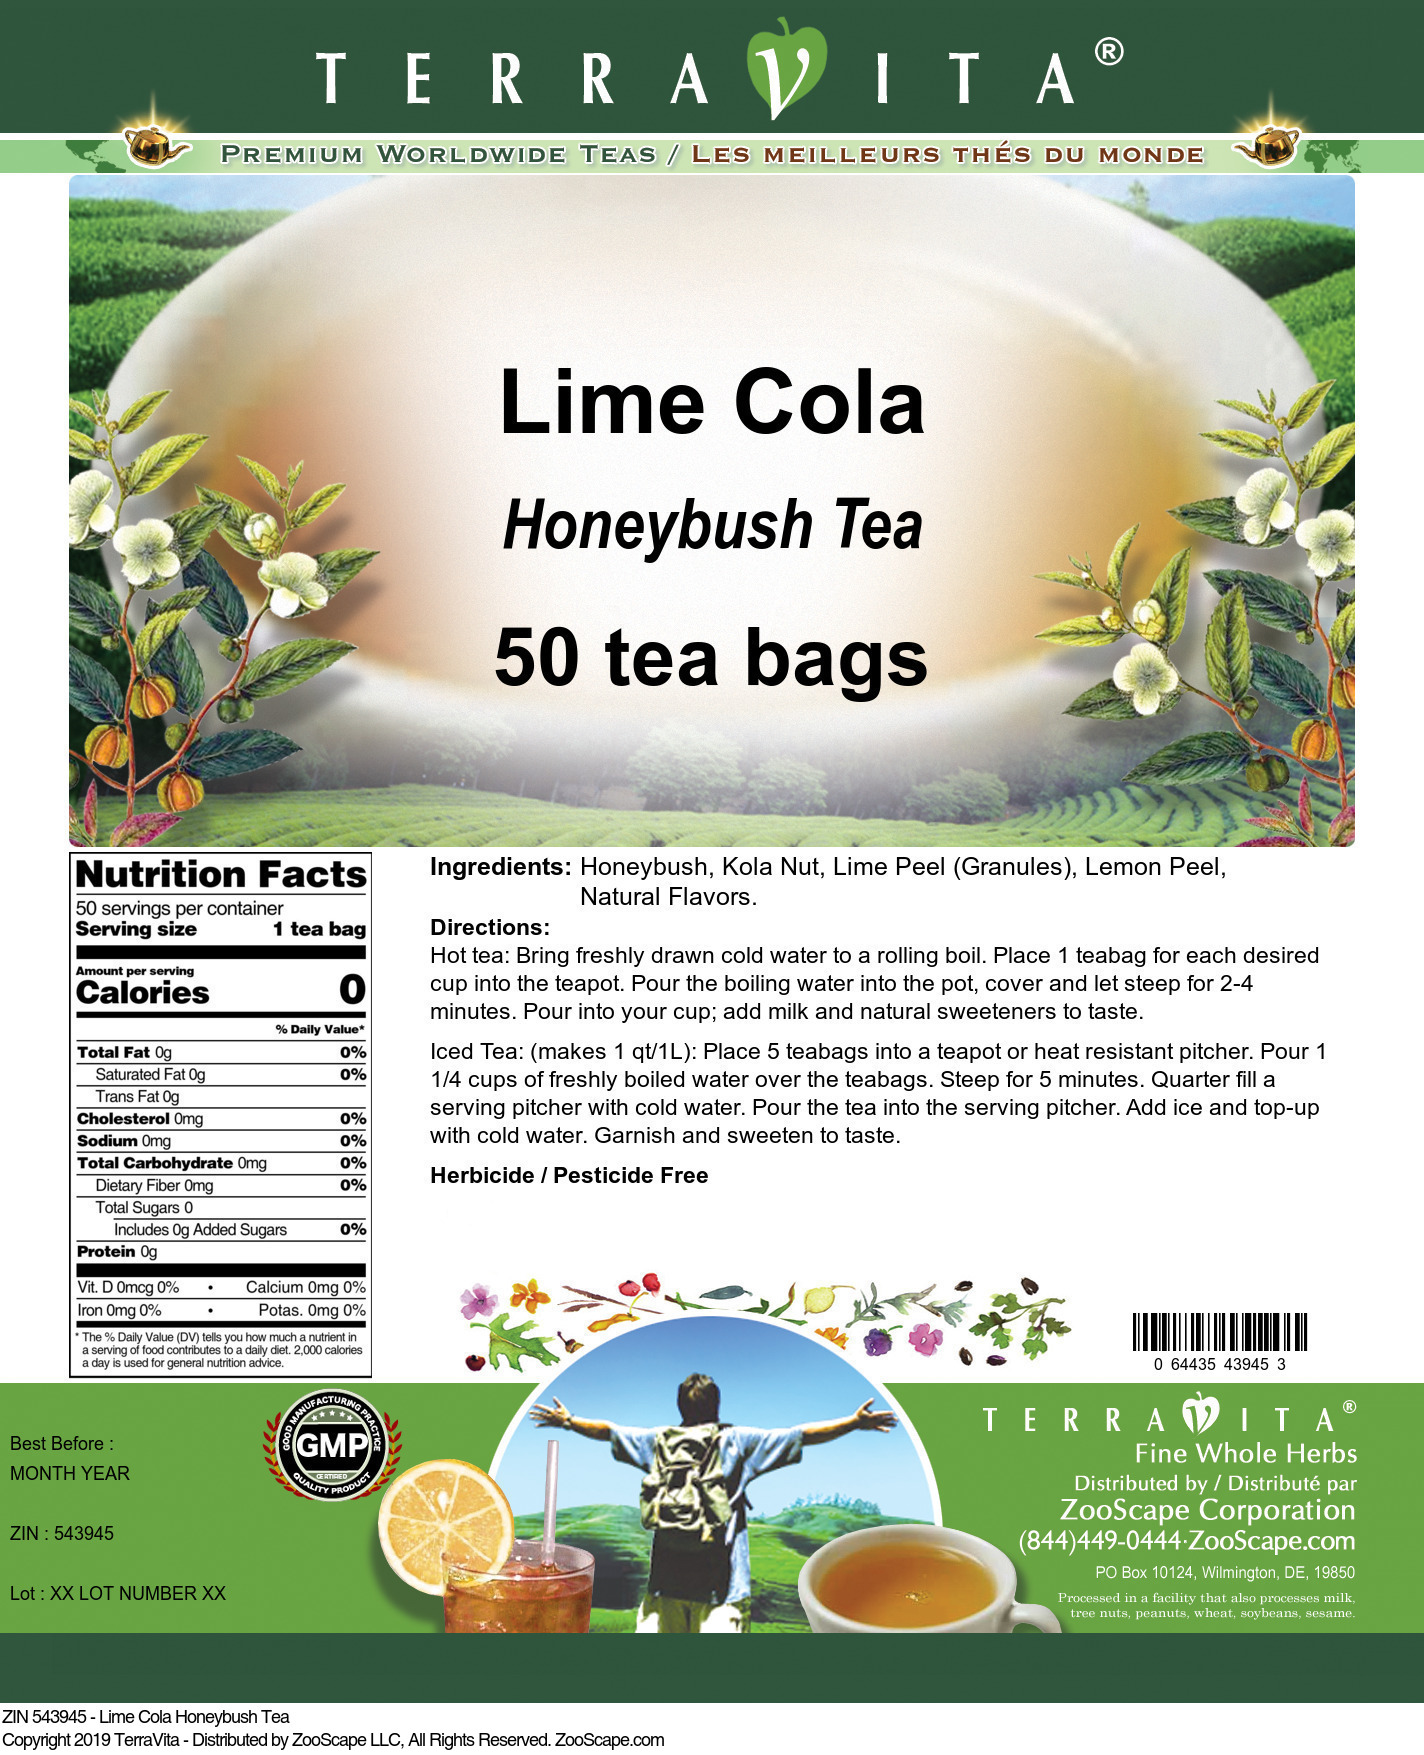 Lime Cola Honeybush Tea